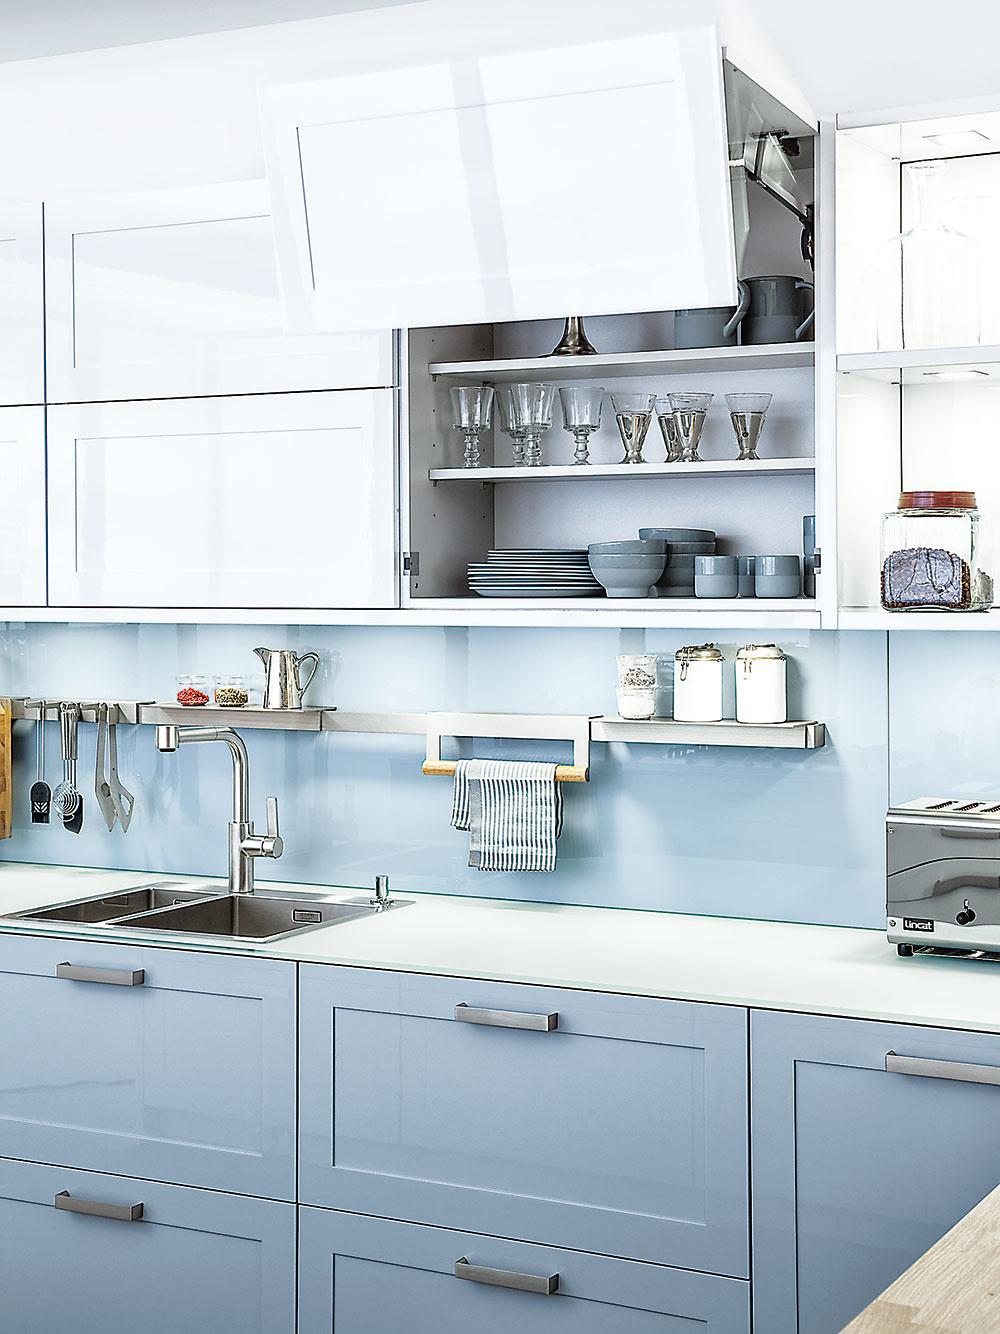 Do kuchyne je ideálne voliť ľahko umývateľné a udržiavateľné materiály. Kuchynská zástena pozostávajúca z malých obkladačiek s množstvom škár pôsobí síce efektne, jej údržba je však prácna. Lepšou alternatívou sú v tomto prípade jednoliate plochy, napríklad lakované sklo. Dobrou voľbou je minimalizovať otvorené police, na ktorých sa môže usádzať prach či mastné výpary.